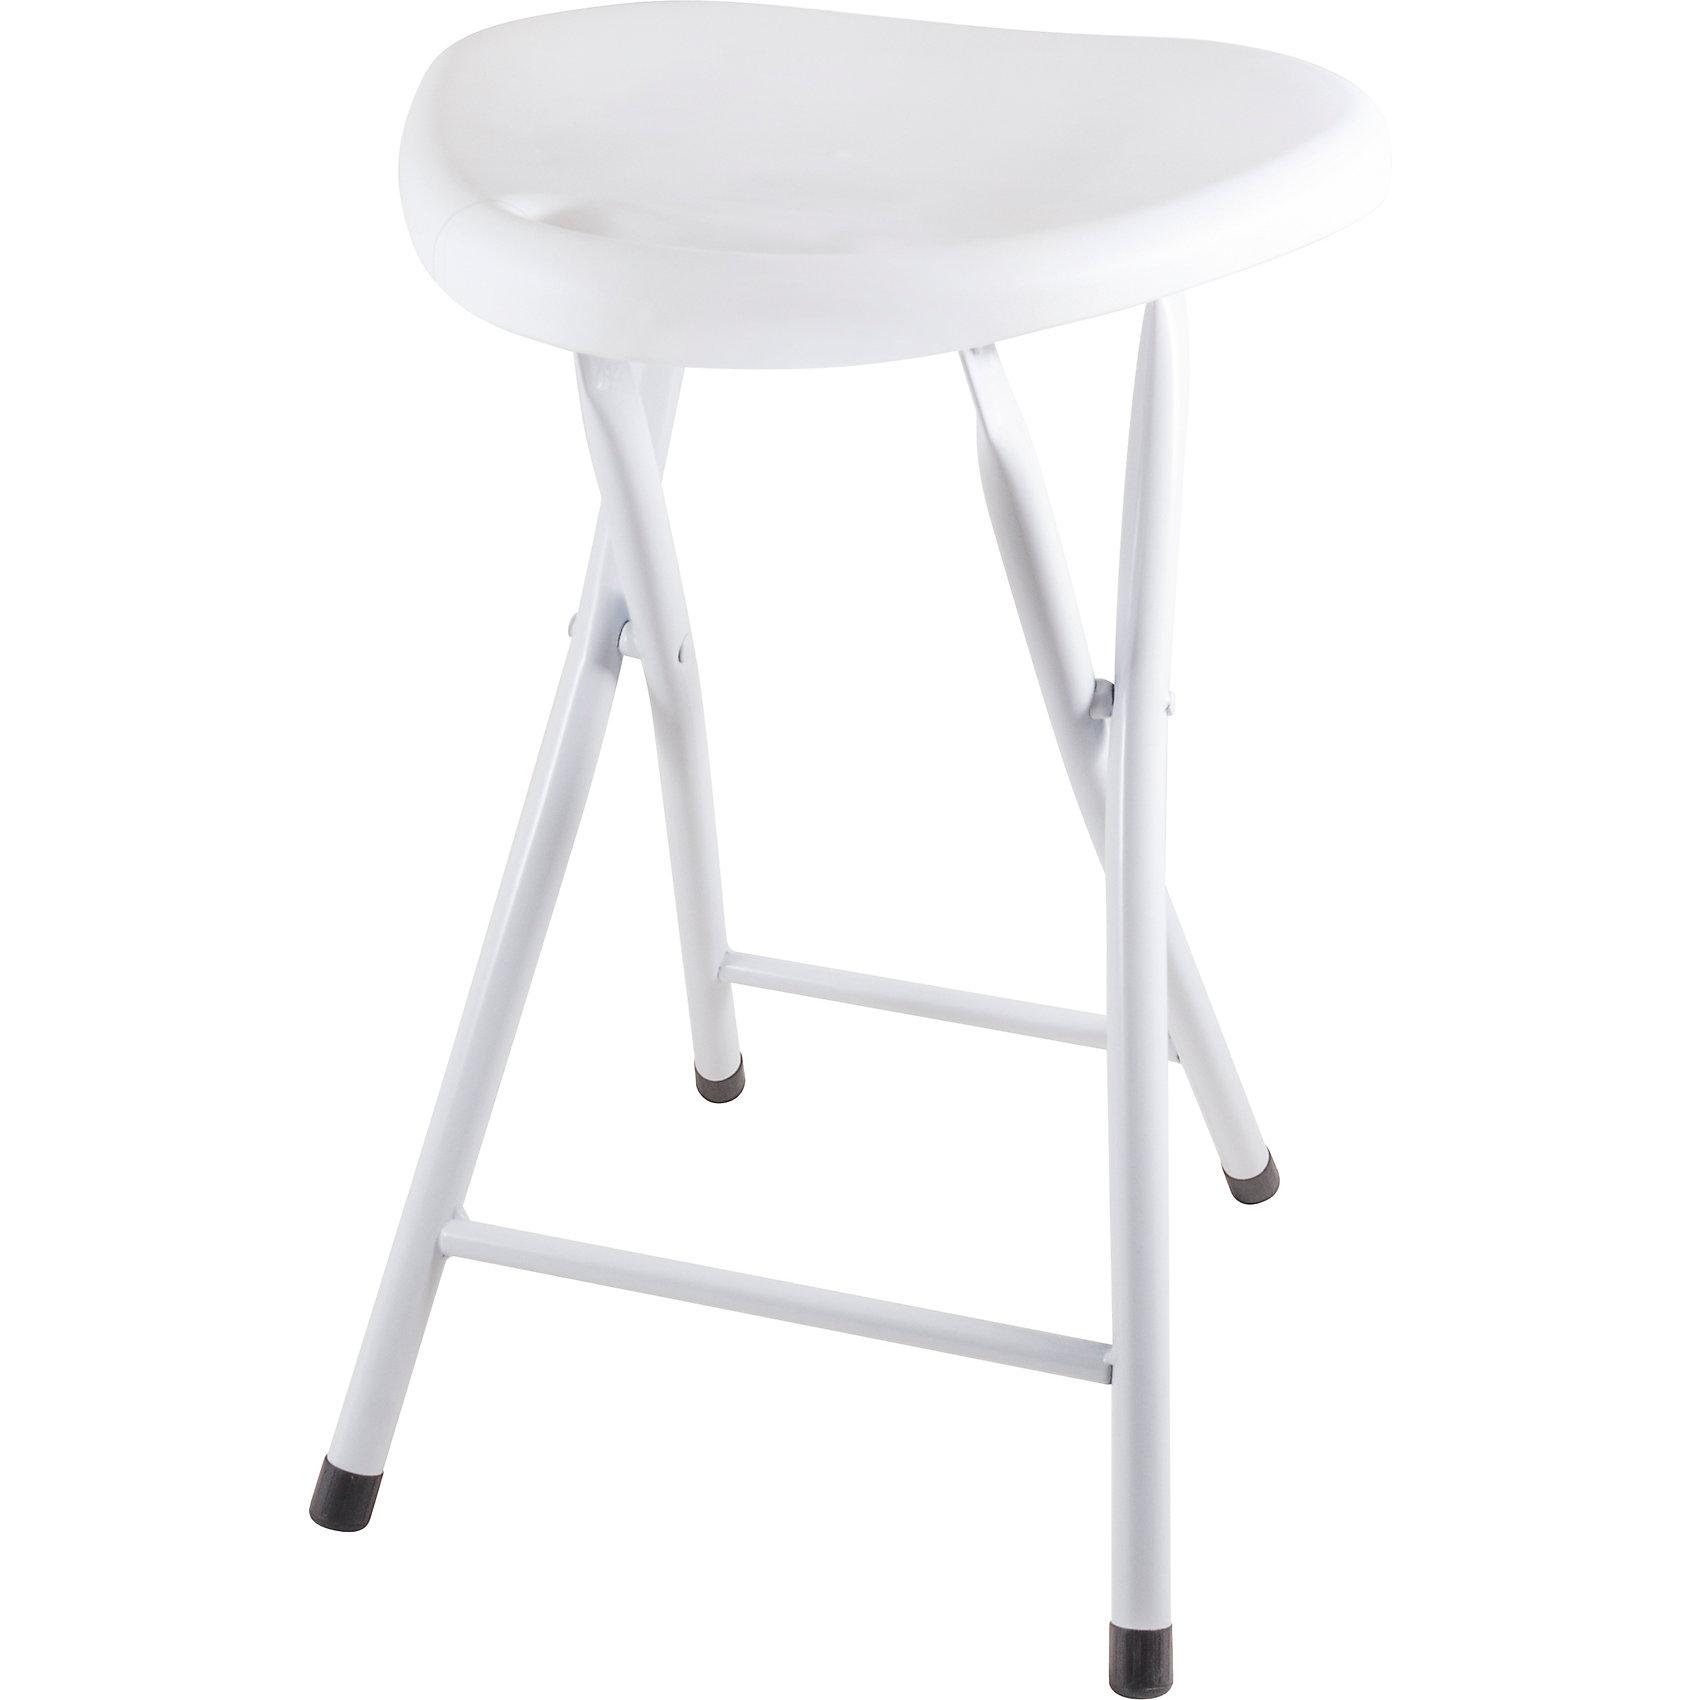 Стул для ванной комнаты TI-06 складной, Рыжий котВанная комната<br>Стул для ванной комнаты TI-06 складной, Рыжий кот<br><br>Характеристики:<br><br>• легко складывается и раскладывается<br>• удобное сиденье<br>• удобная ручка<br>• узкое основание<br>• нескользящие ножки<br>• размер: 30х30х45 см<br>• материал: окраш.металл, пластик<br><br>Стул для ванной комнаты TI-06 имеет узкое основание, подходящее практически для любой ванной. Стул легко складывается и раскладывается. Имеет удобное пластиковое сидение. Оснащен одной ручкой с удобным захватом. Ножки стула не скользят по поверхности ванной. Компактен в сложенном виде.<br><br>Стул для ванной комнаты TI-06 складной, Рыжий кот вы можете купить в нашем интернет-магазине.<br><br>Ширина мм: 730<br>Глубина мм: 300<br>Высота мм: 80<br>Вес г: 1284<br>Возраст от месяцев: 216<br>Возраст до месяцев: 1188<br>Пол: Унисекс<br>Возраст: Детский<br>SKU: 5454095